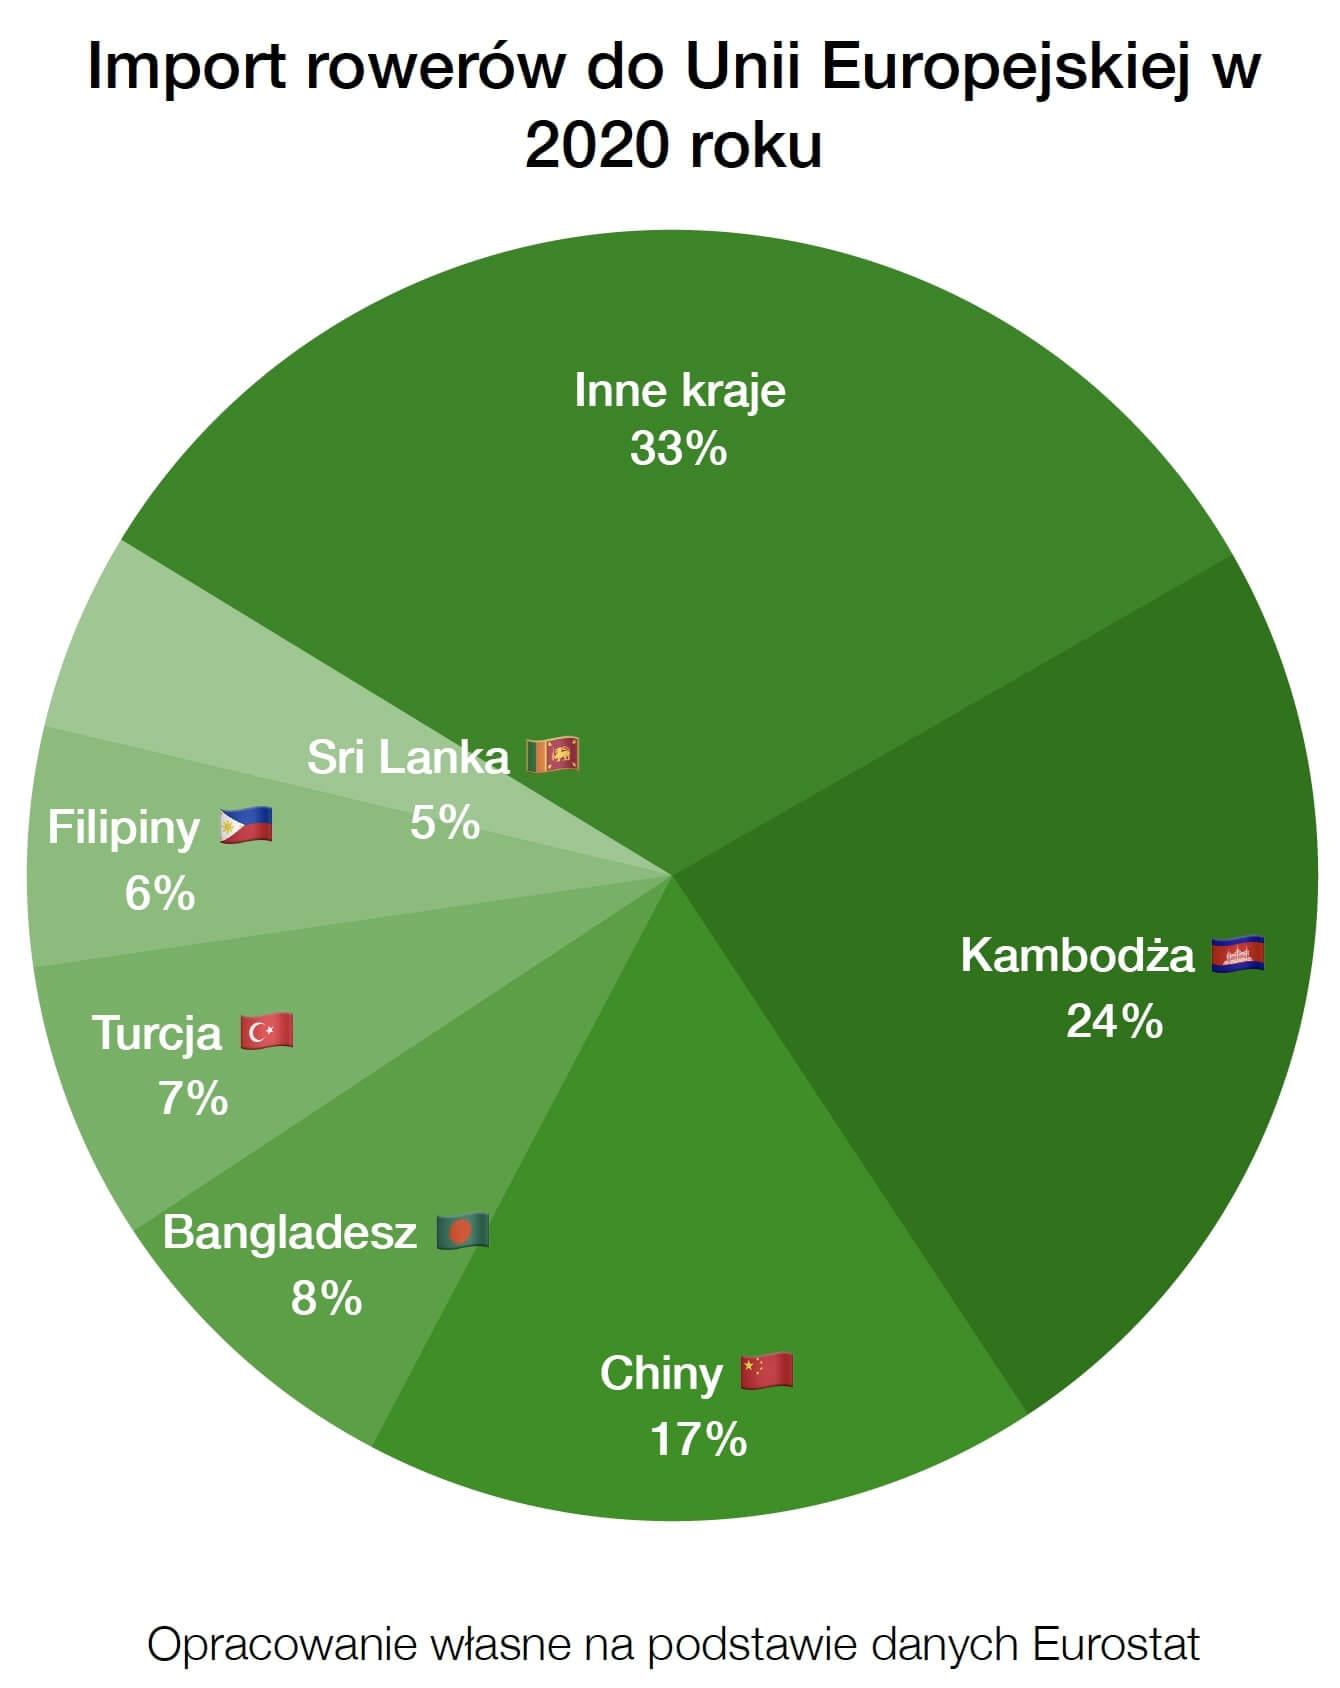 Import rowerów do Unii Europejskiej w 2020 roku - dane liczbowe eurostat Kambodża Chiny Bangladesz Turcja Filipiny Sri Lanka